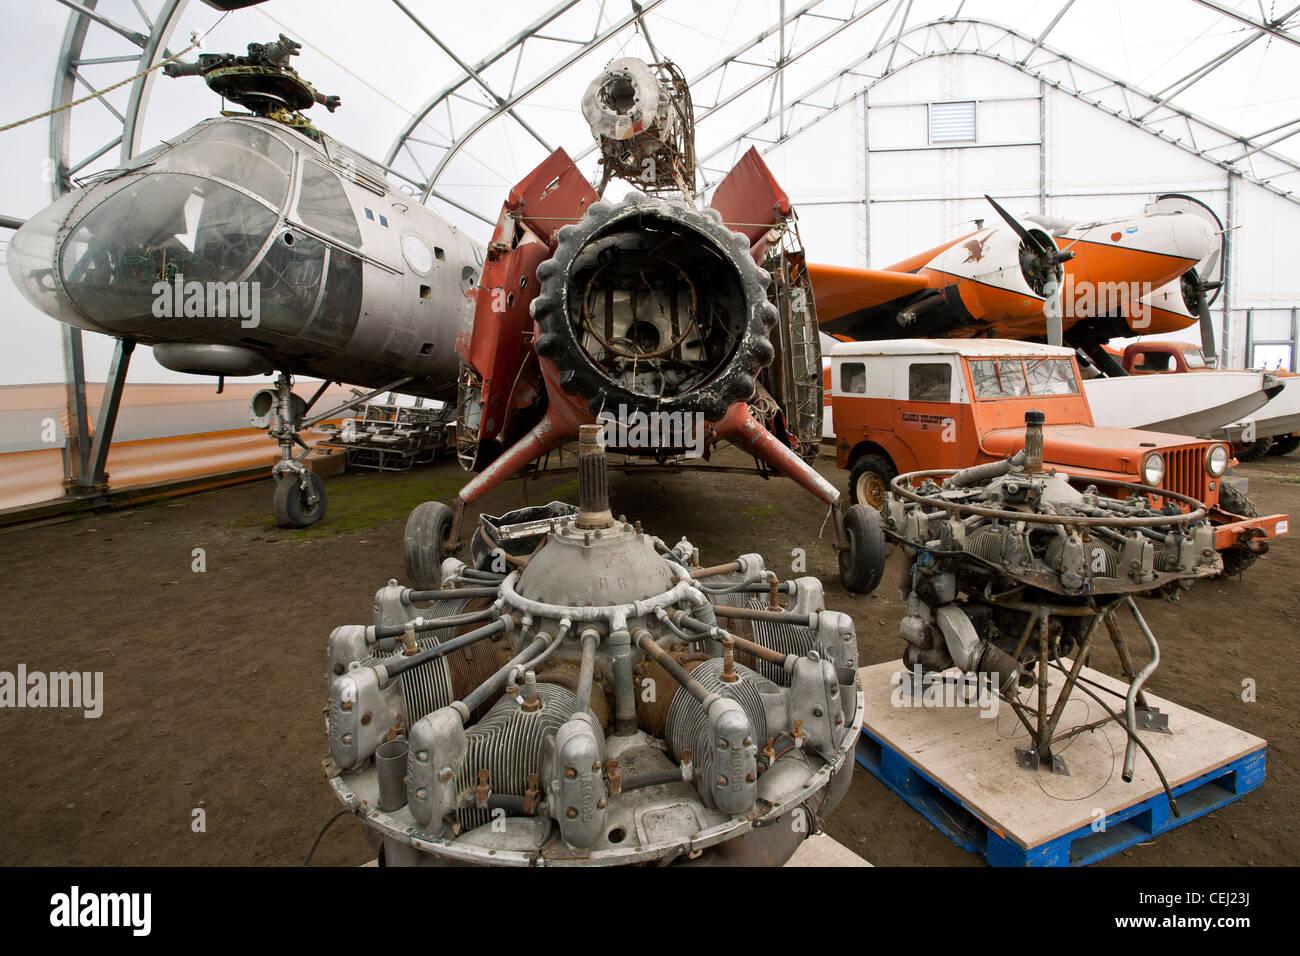 Vieux moteurs d'avion. Musée de l'aviation en Alaska. Anchorage. De l'Alaska. USA Photo Stock